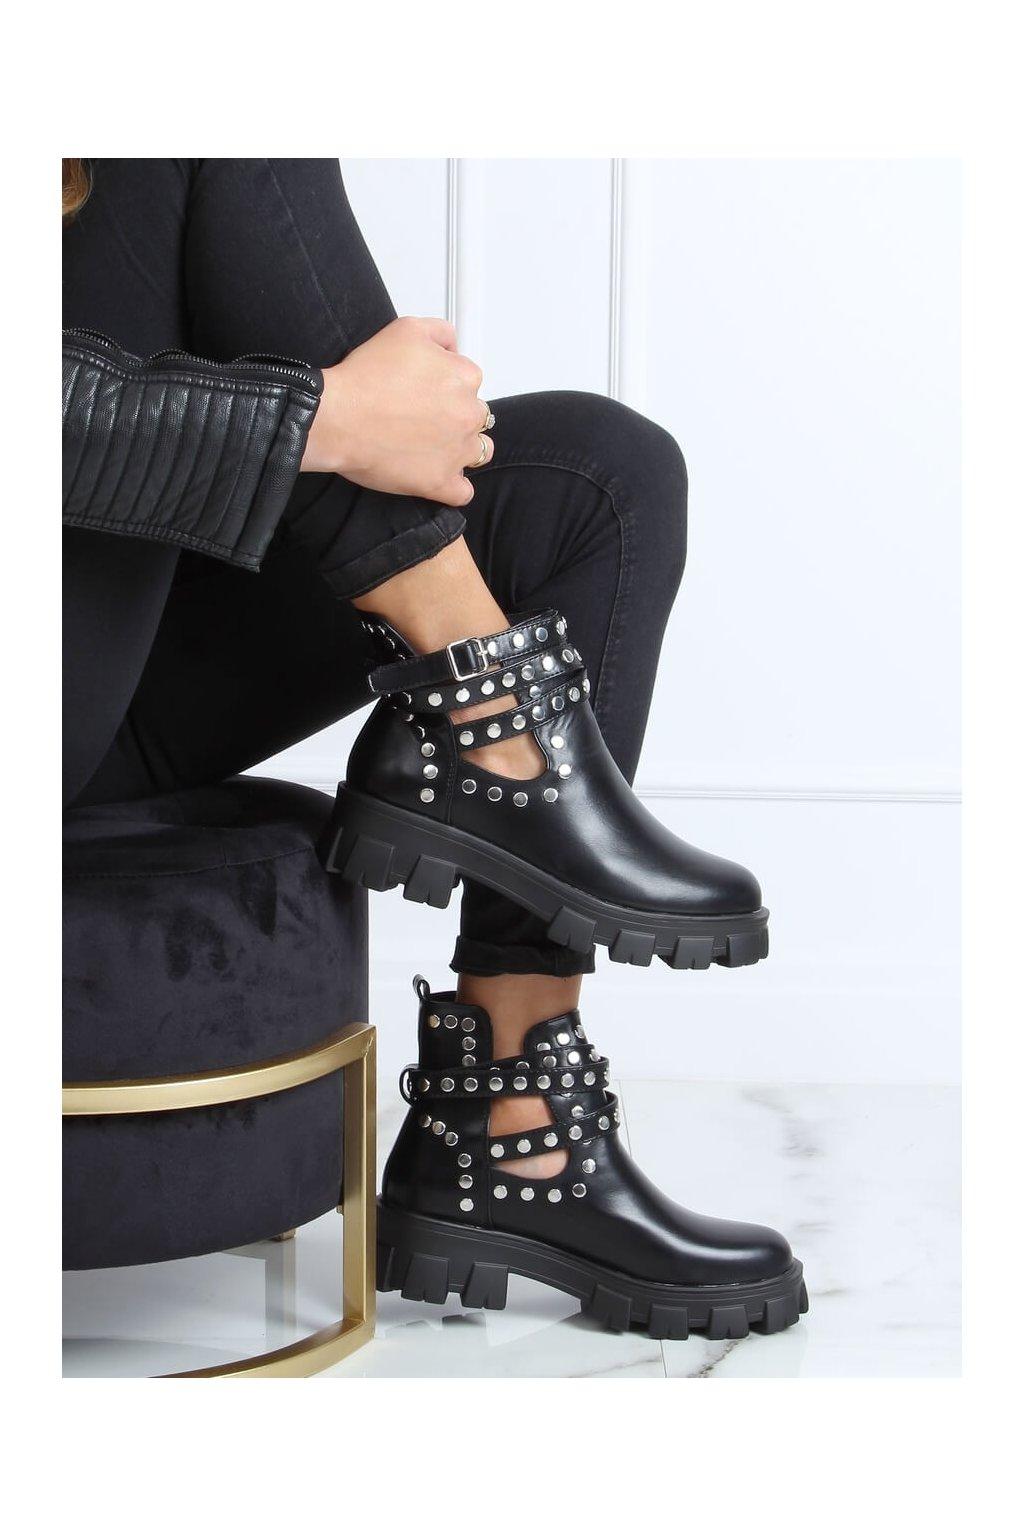 Dámske členkové topánky čierne na plochom podpätku NC1127